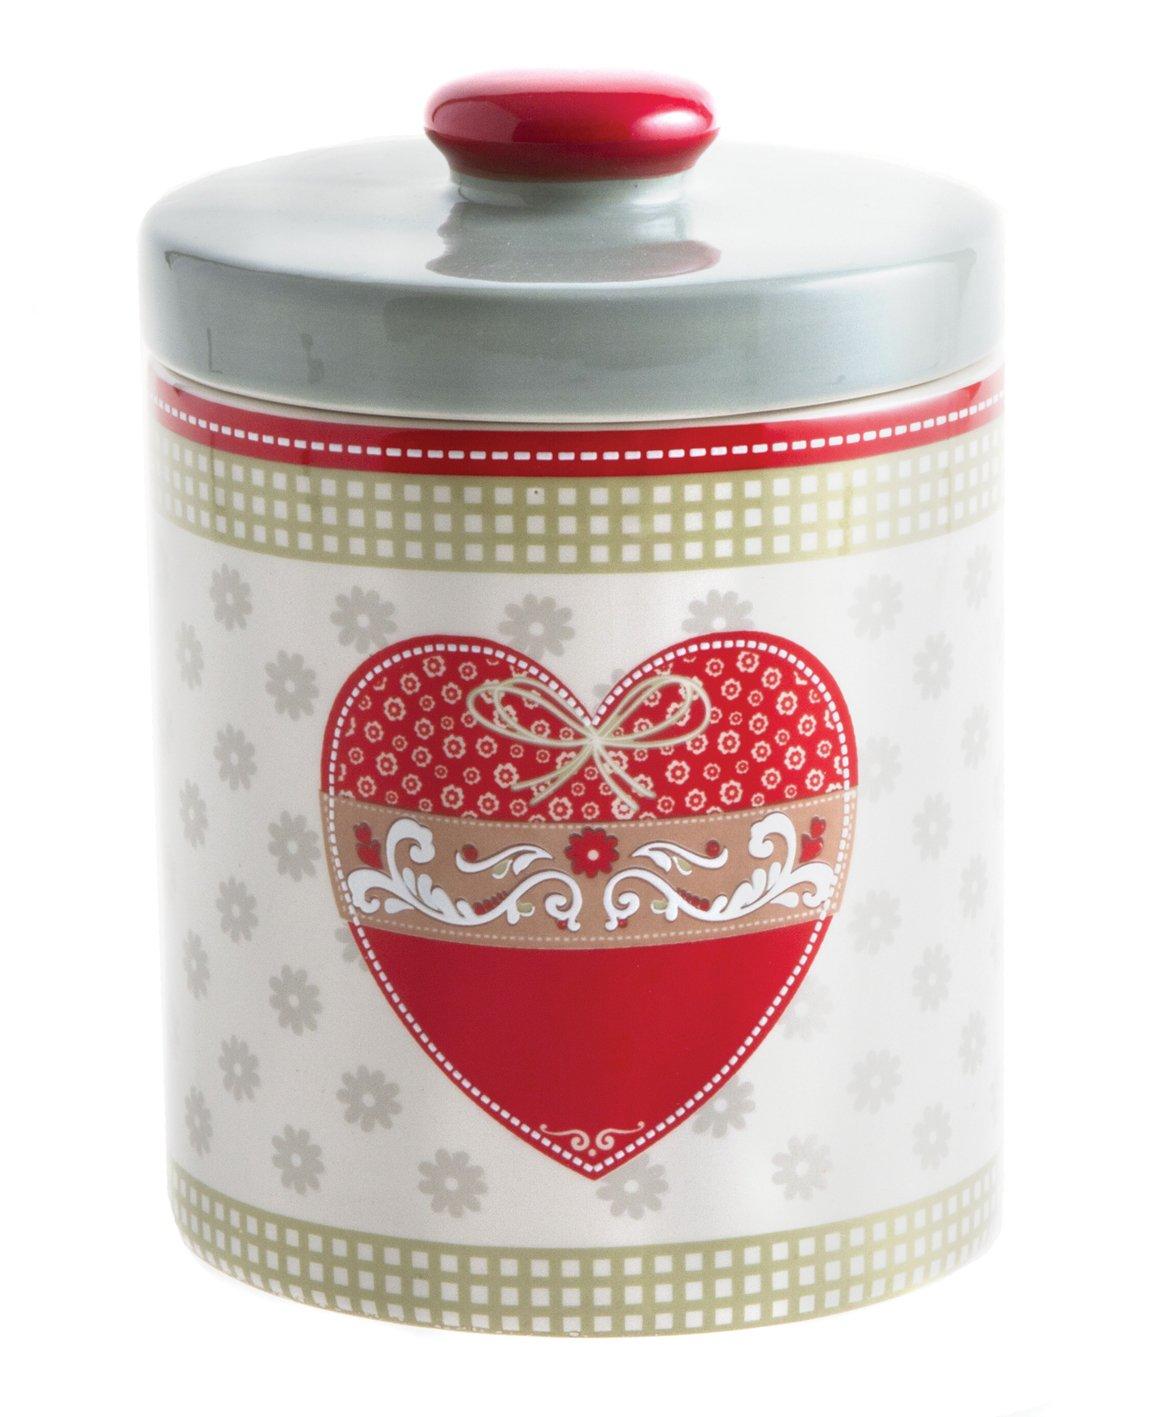 Tognana Barattolo Biscottiera Linea Dolce Casa con decorazione a cuore